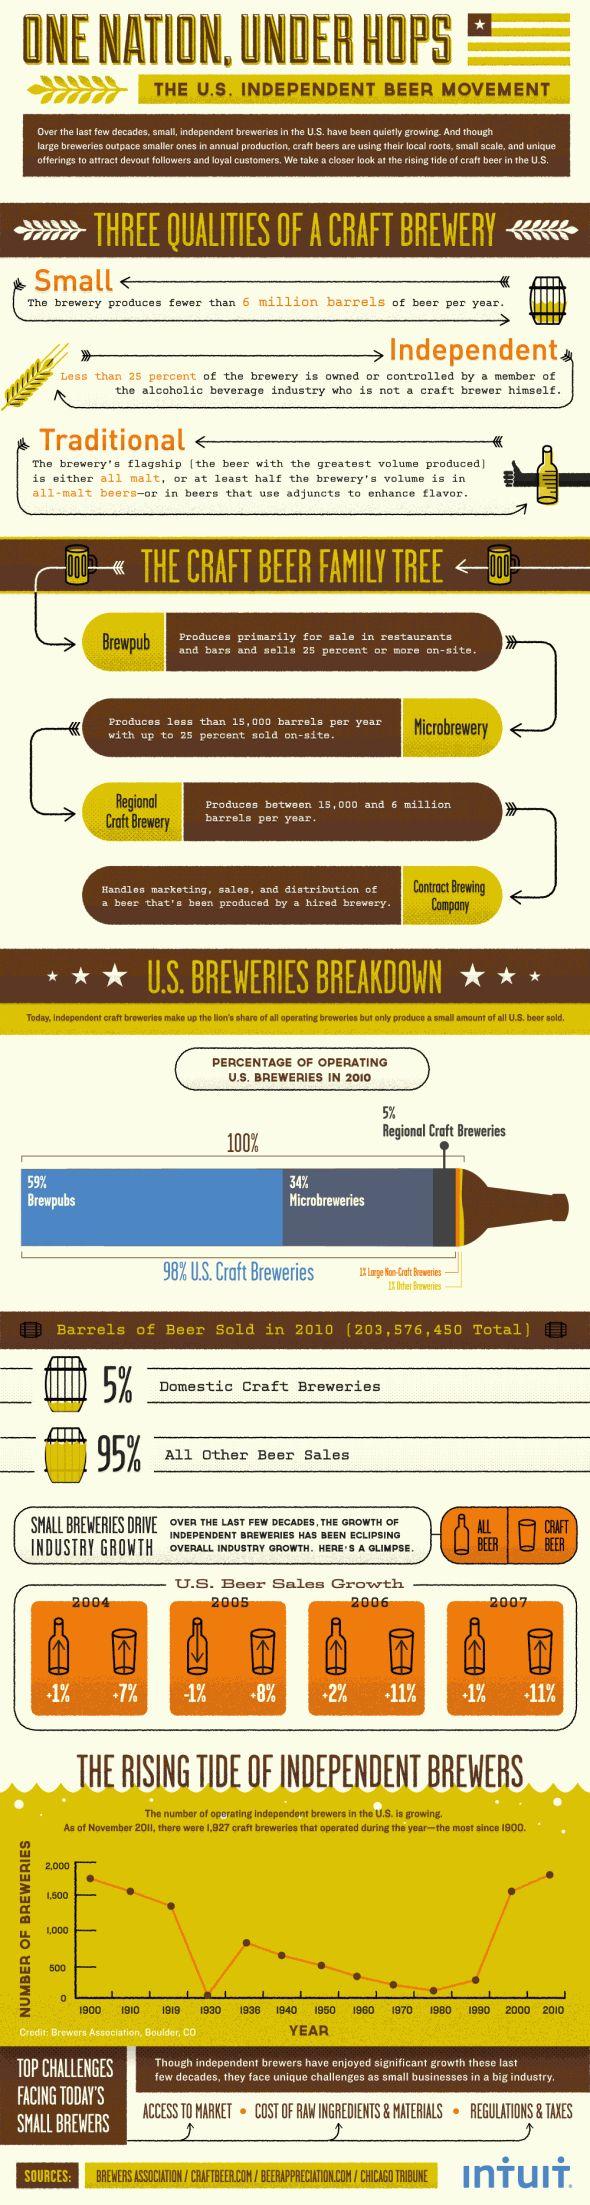 How Indie Brewers are Outpacing Beer Industry Growth #Beer #Brewfest #MilwBrewfest #Craft #Beer #Milwaukee